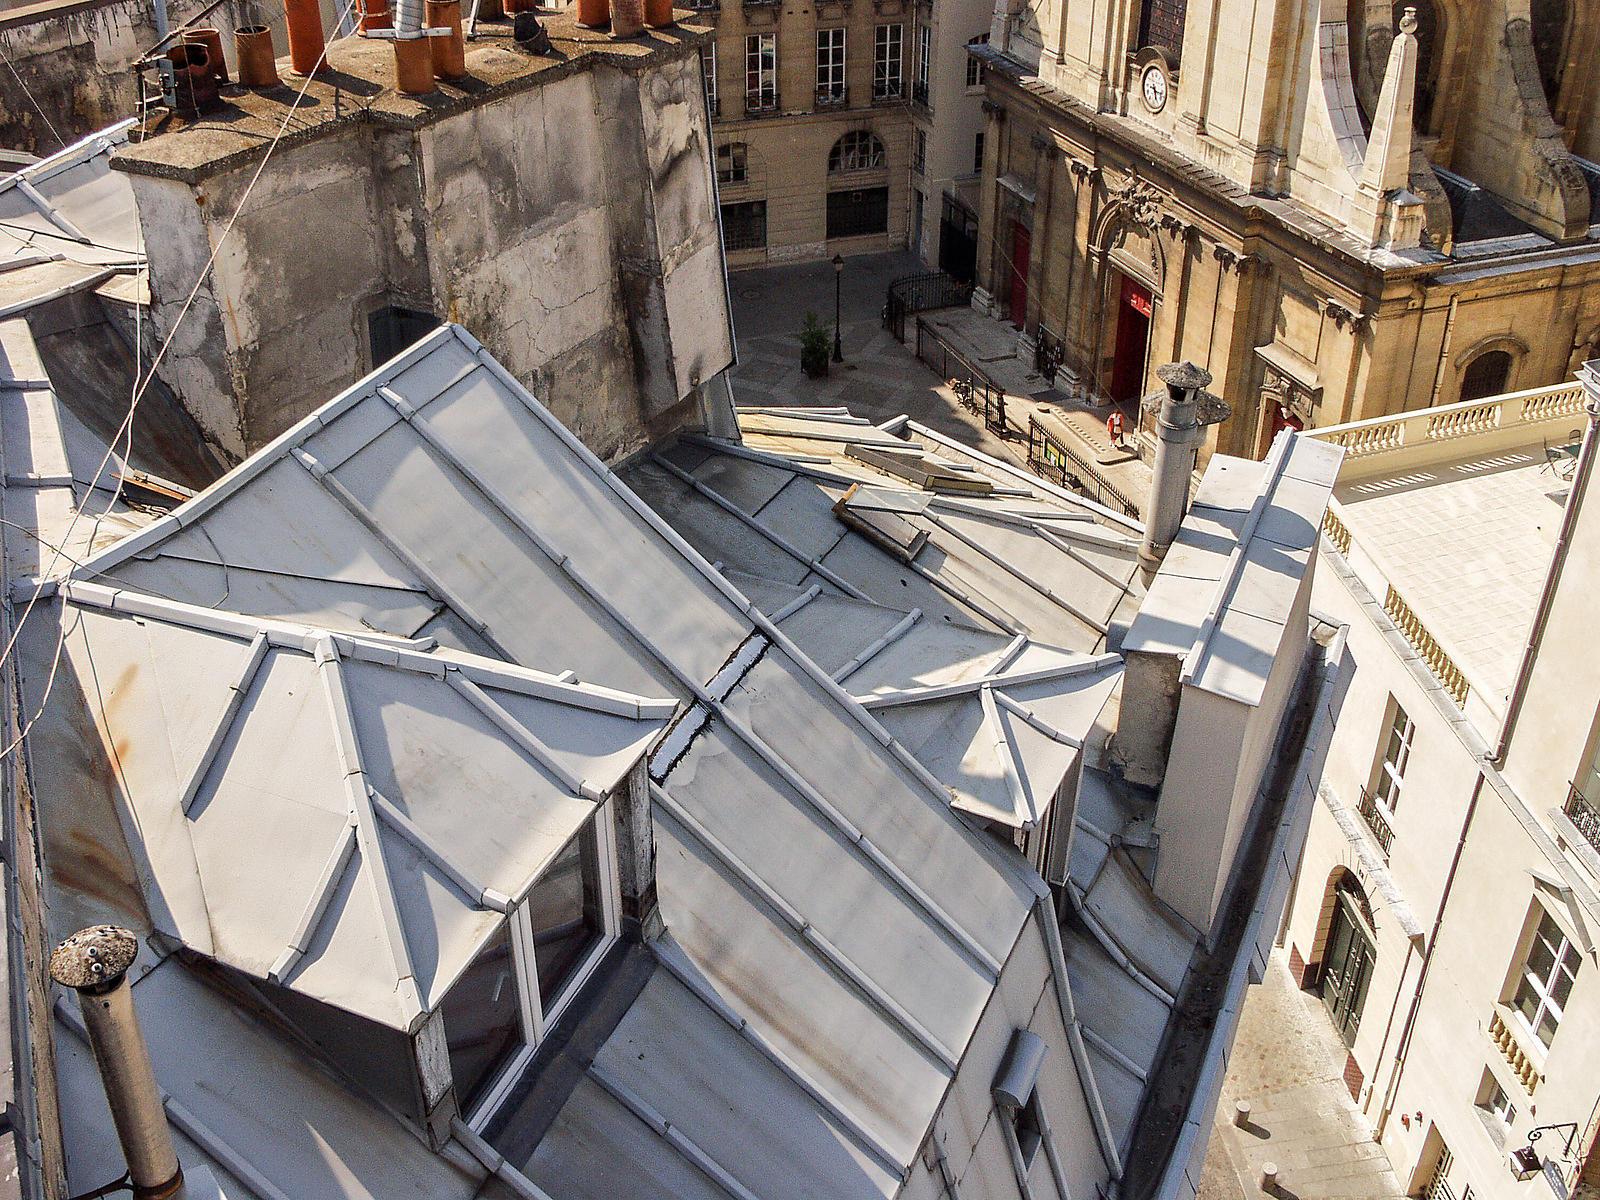 phototh que arnaud frich les toits de zinc de paris. Black Bedroom Furniture Sets. Home Design Ideas